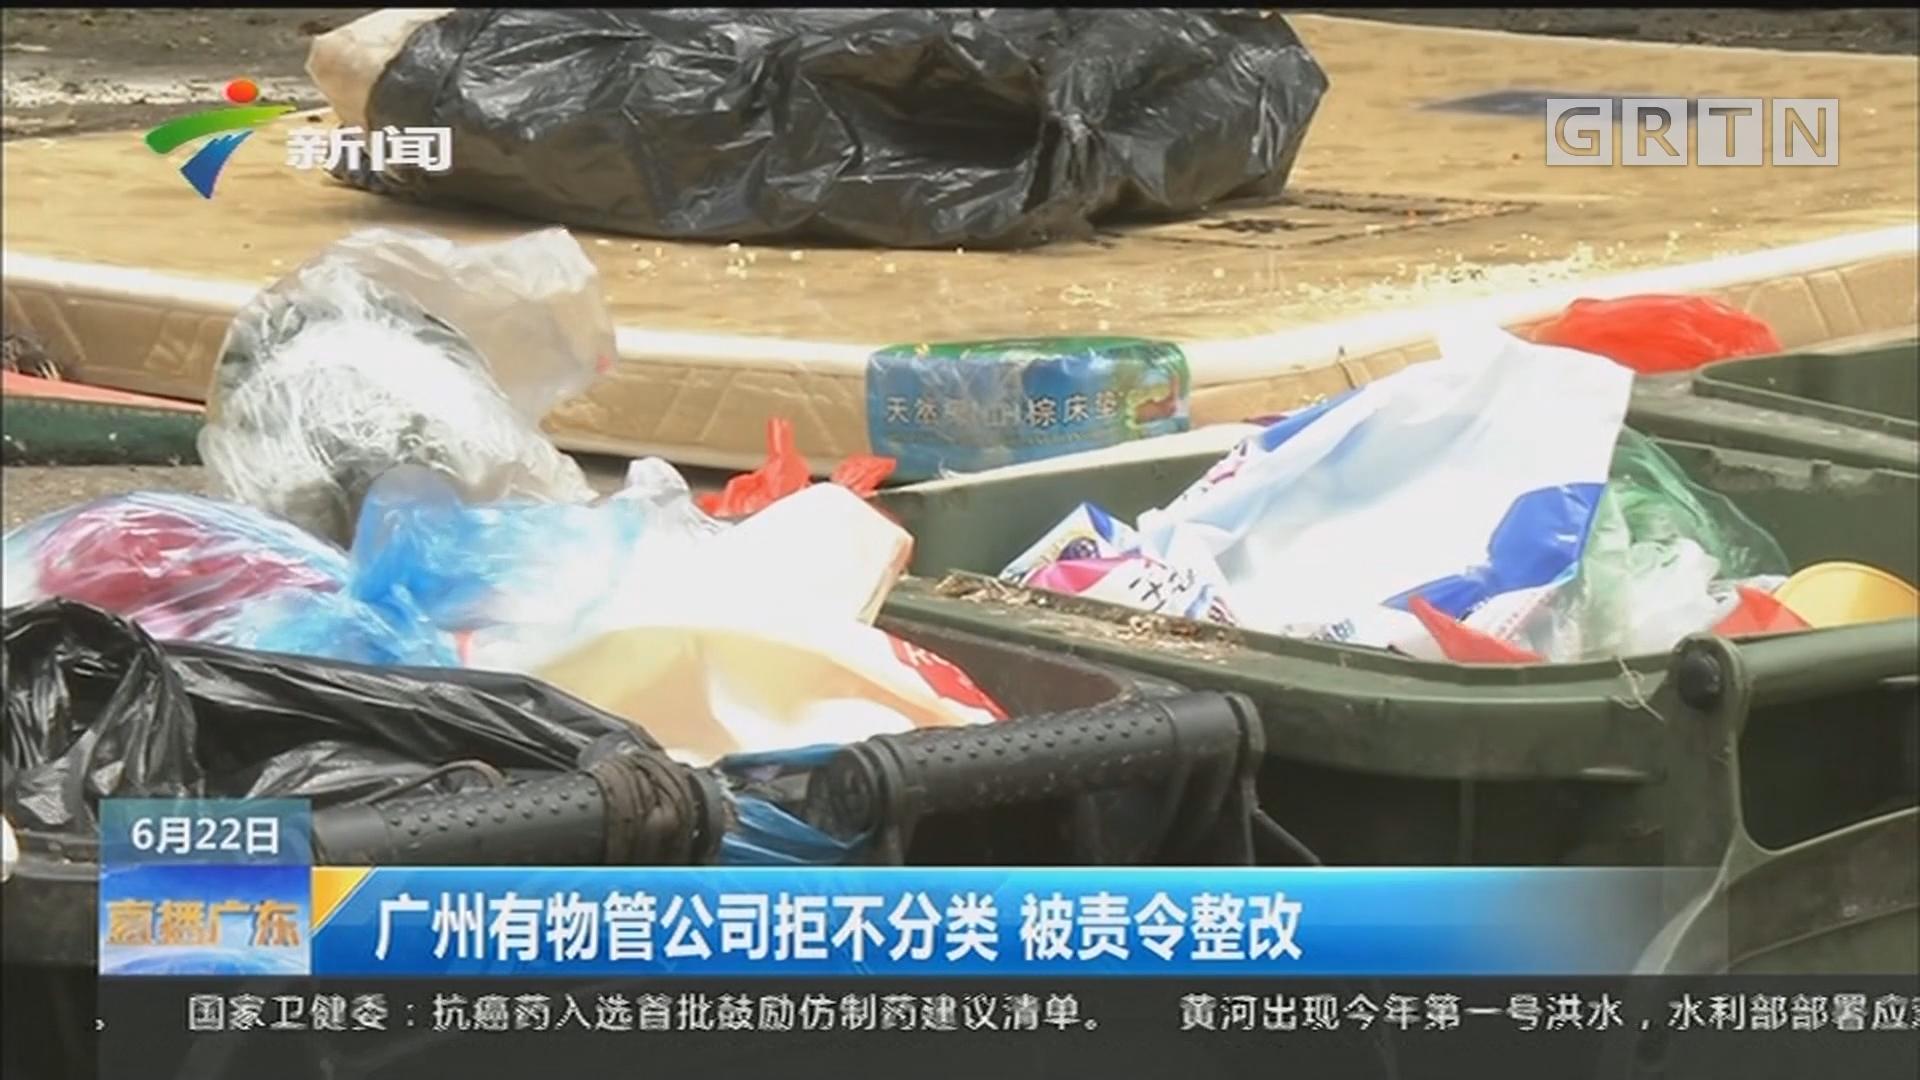 广州有物管公司拒不分类 被责令整改